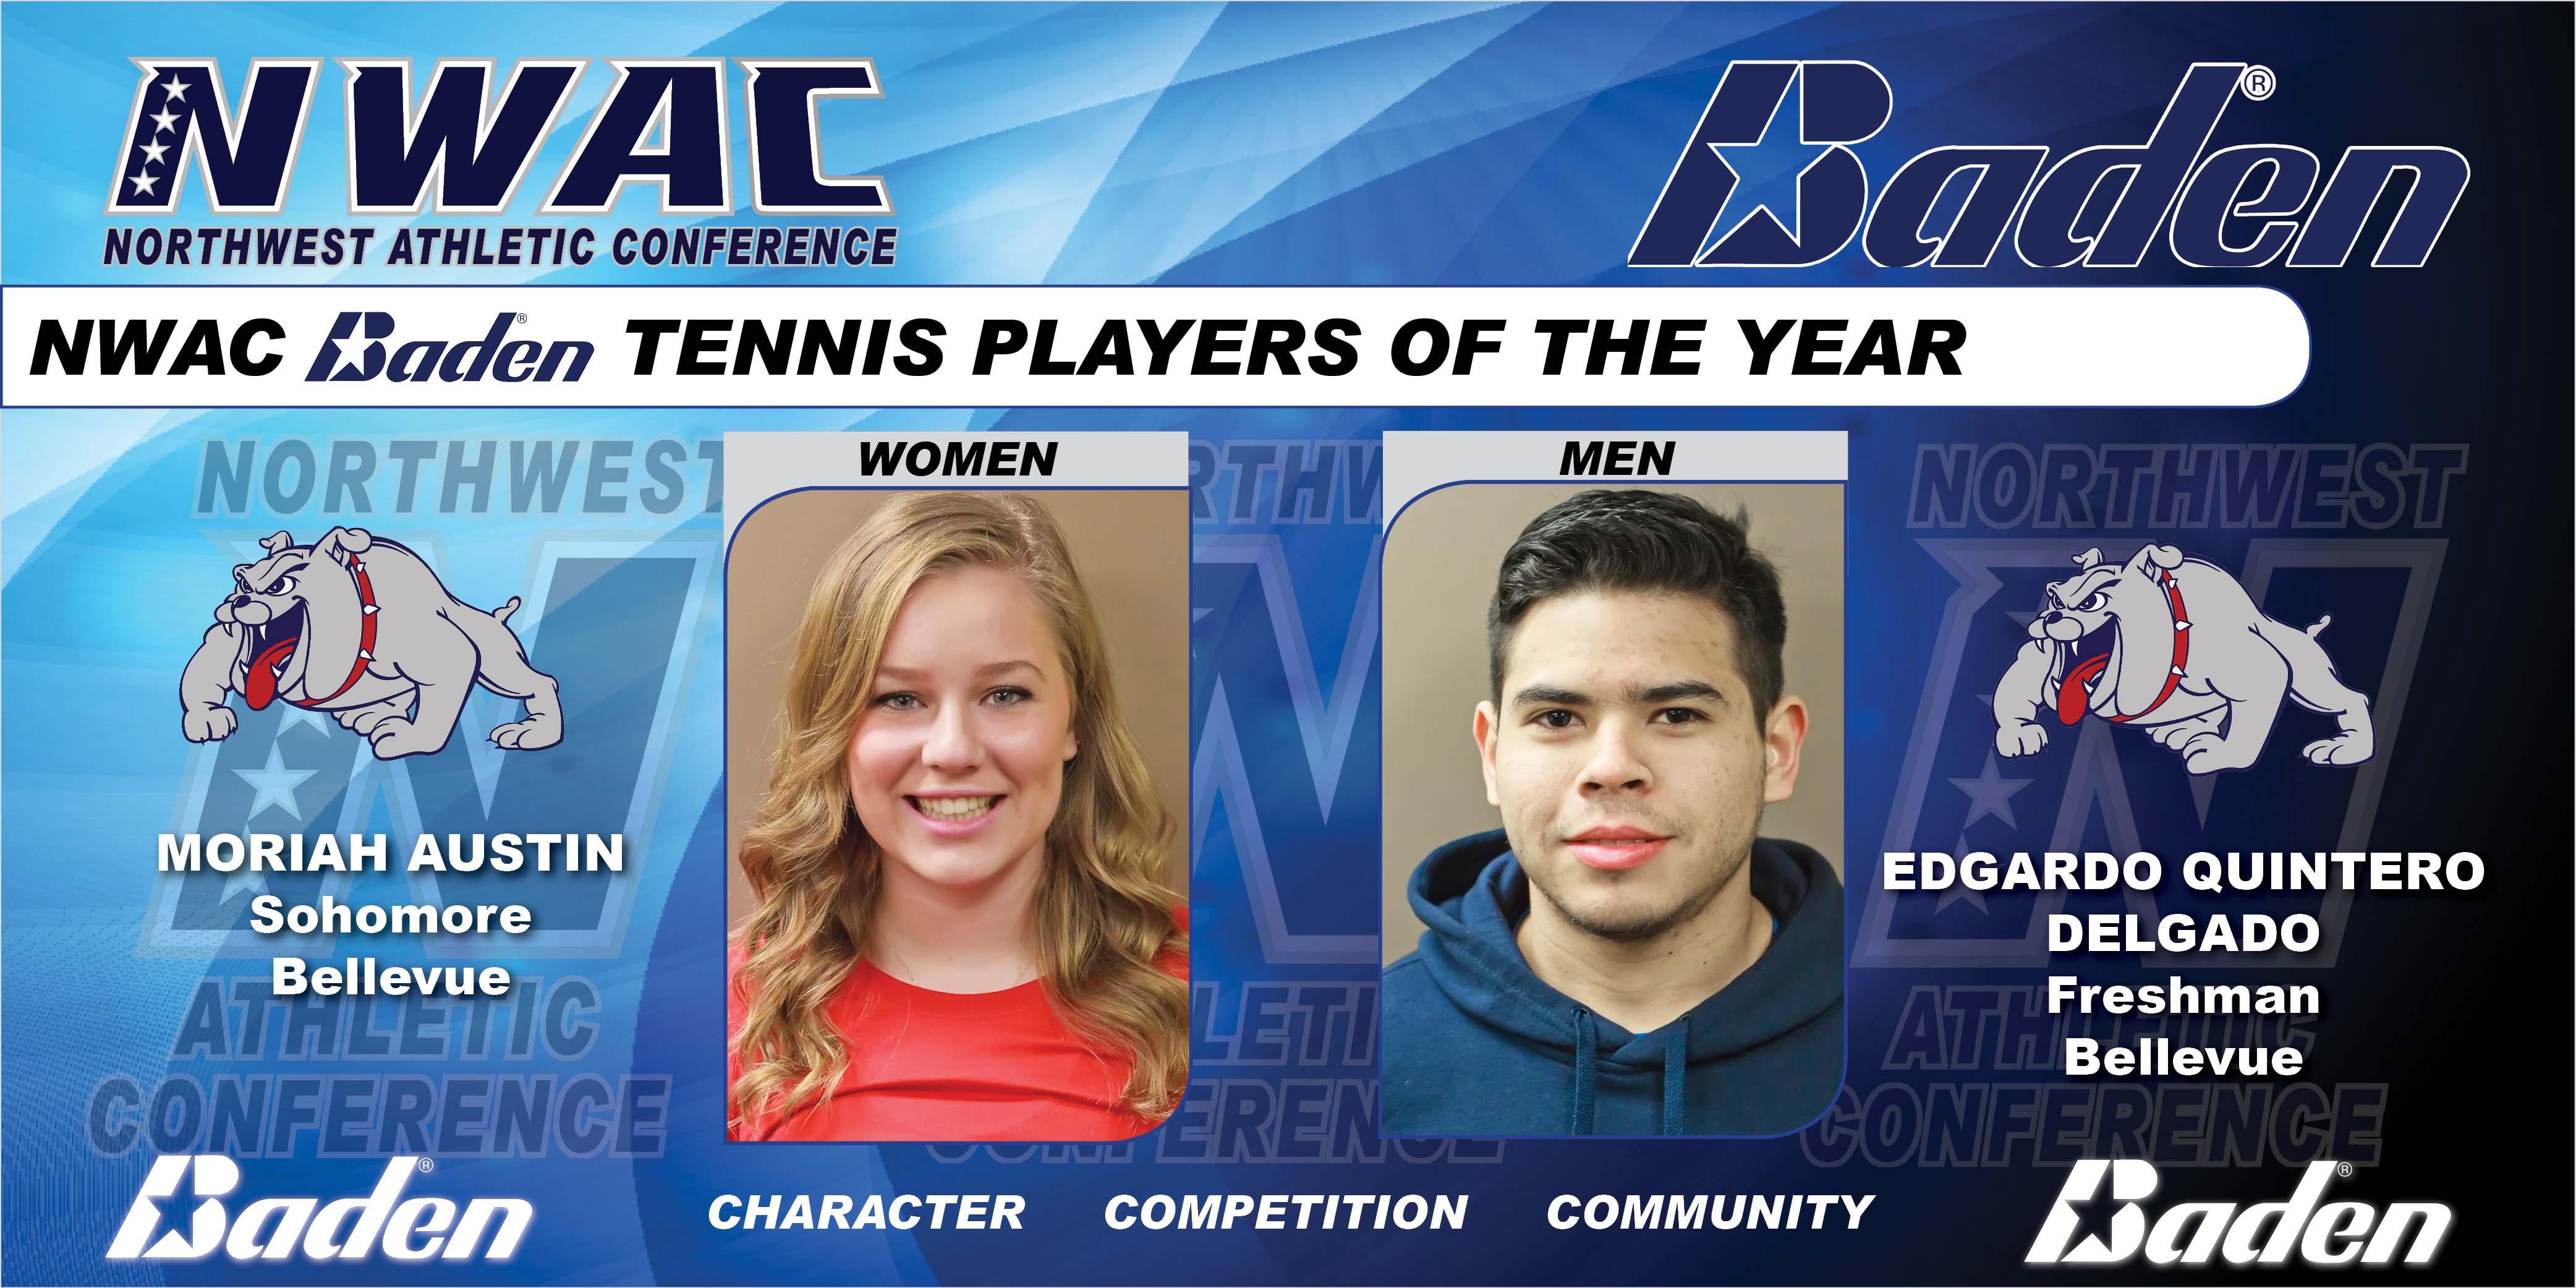 Photo graphic of Baden Tennis POYs Moriah Austin and Edgardo Quintero Delgado